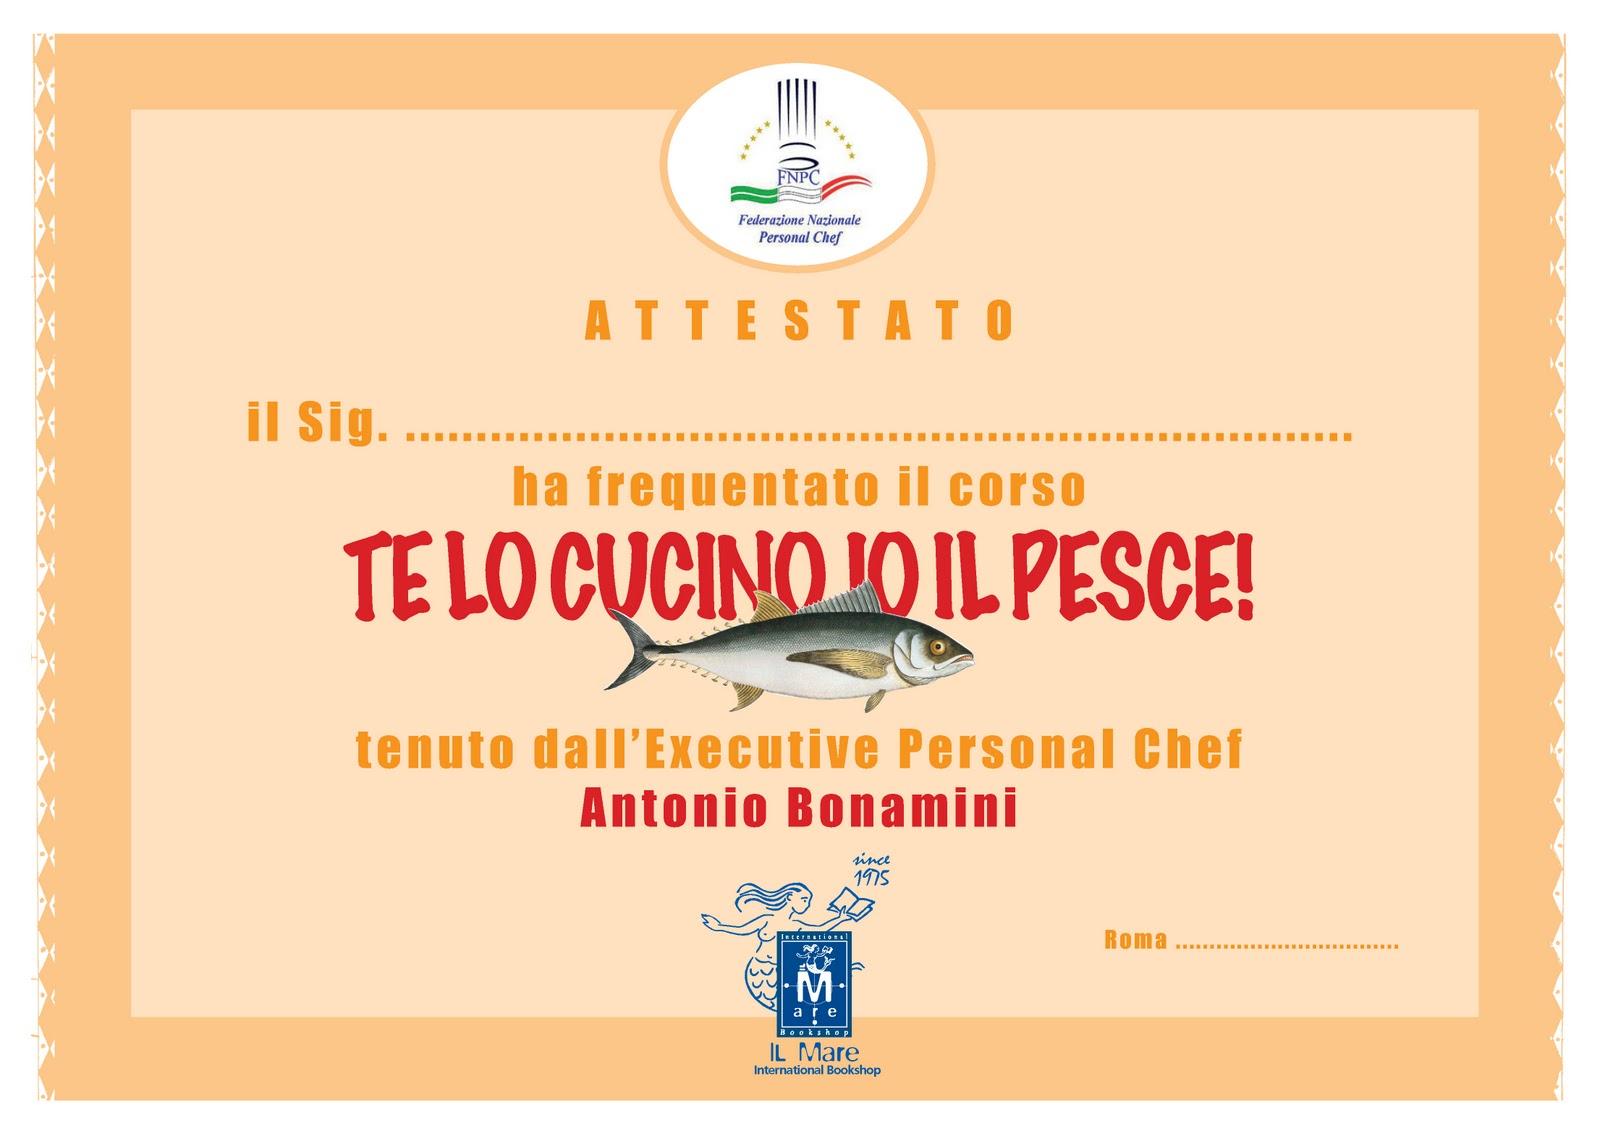 Disegno corsi di cucina a roma : Libreria Internazionale Il Mare: Tutti promossi al corso di cucina